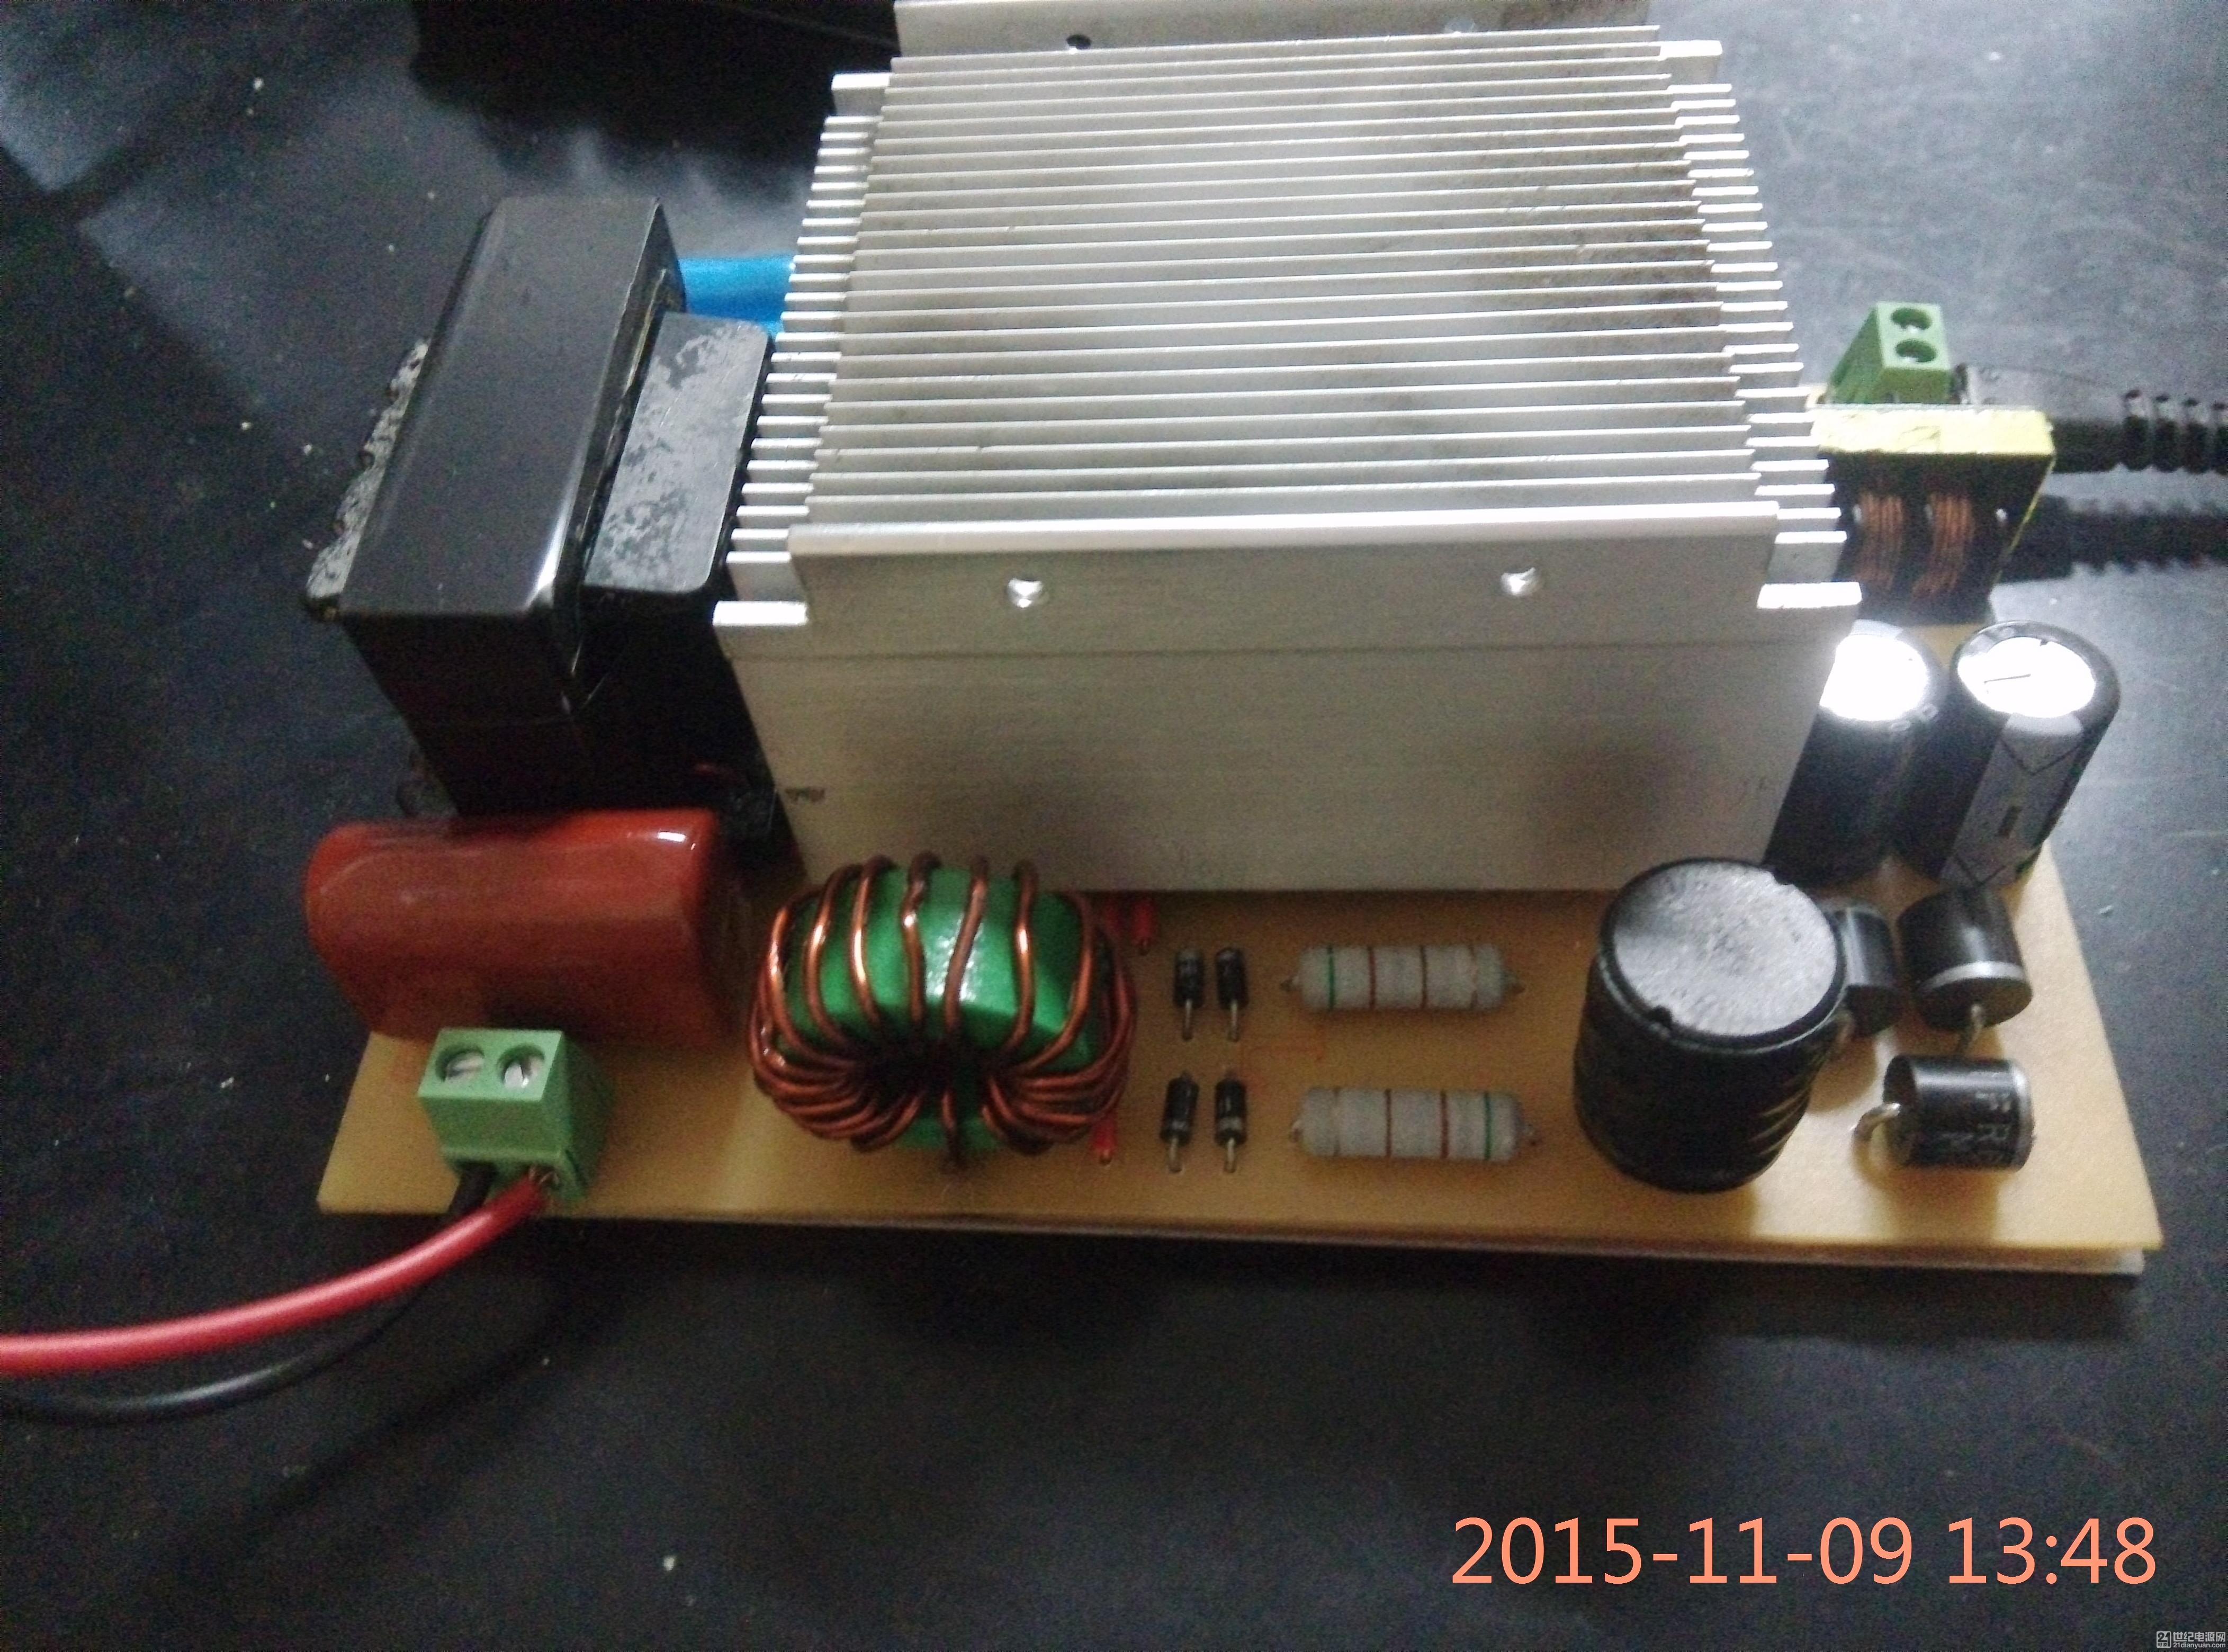 【武diy】简易逆变器 无线电能传输装置